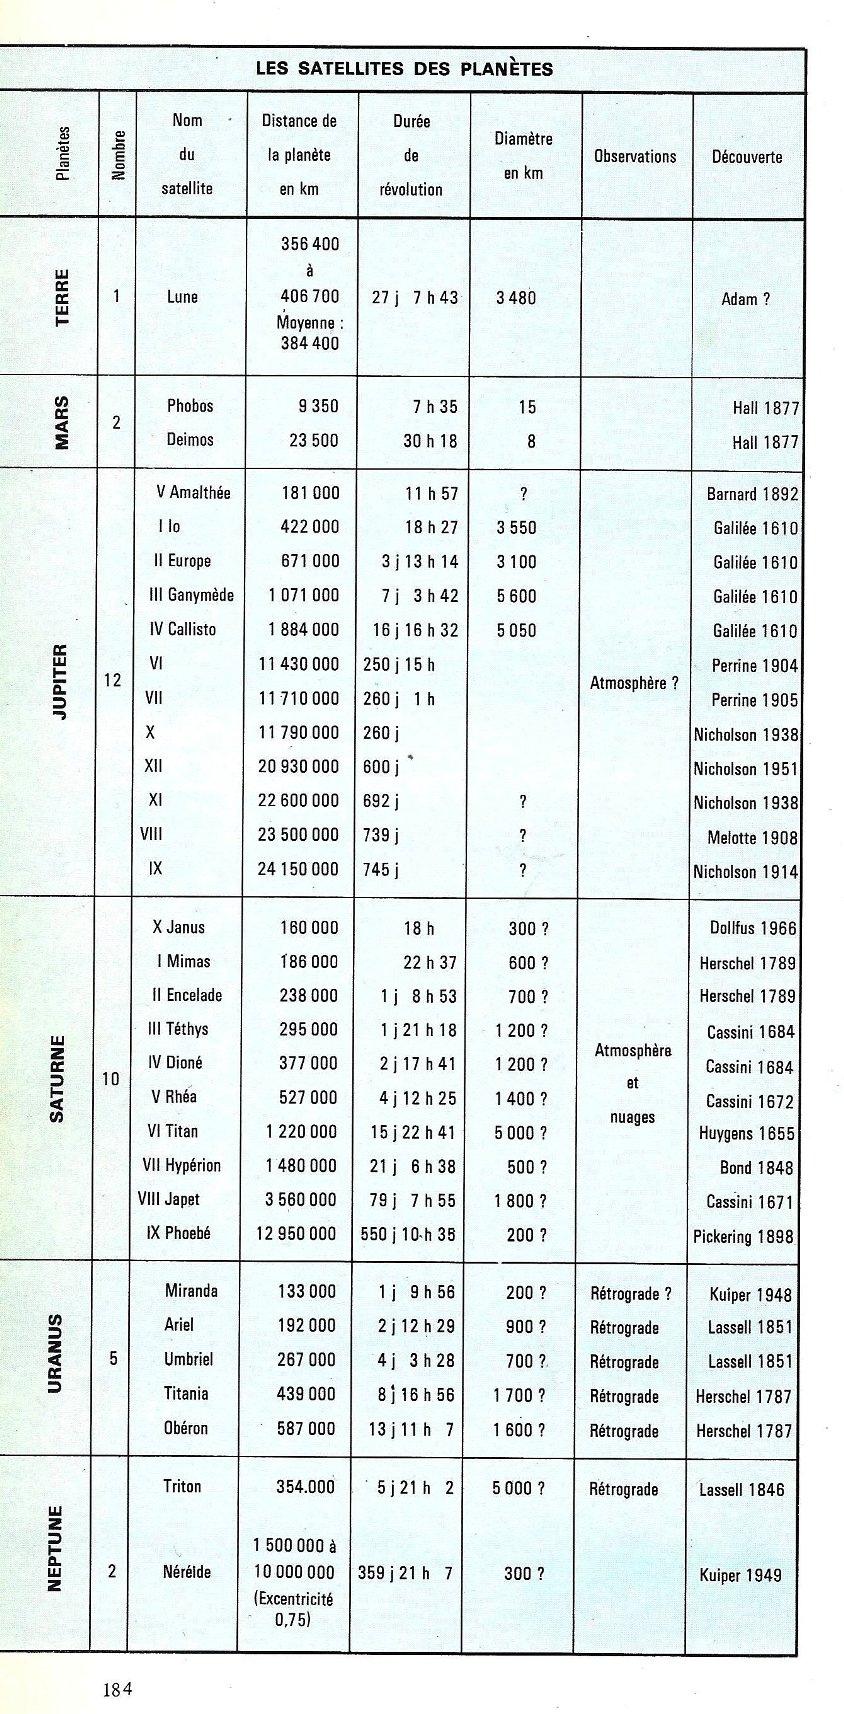 5da0641c60959_La-lune-et-les-plantes_Pierre-de-Latil_Hachette_1969_satellites.JPG.fb4c5e936295850dbbc6fb6d1ea24994.JPG